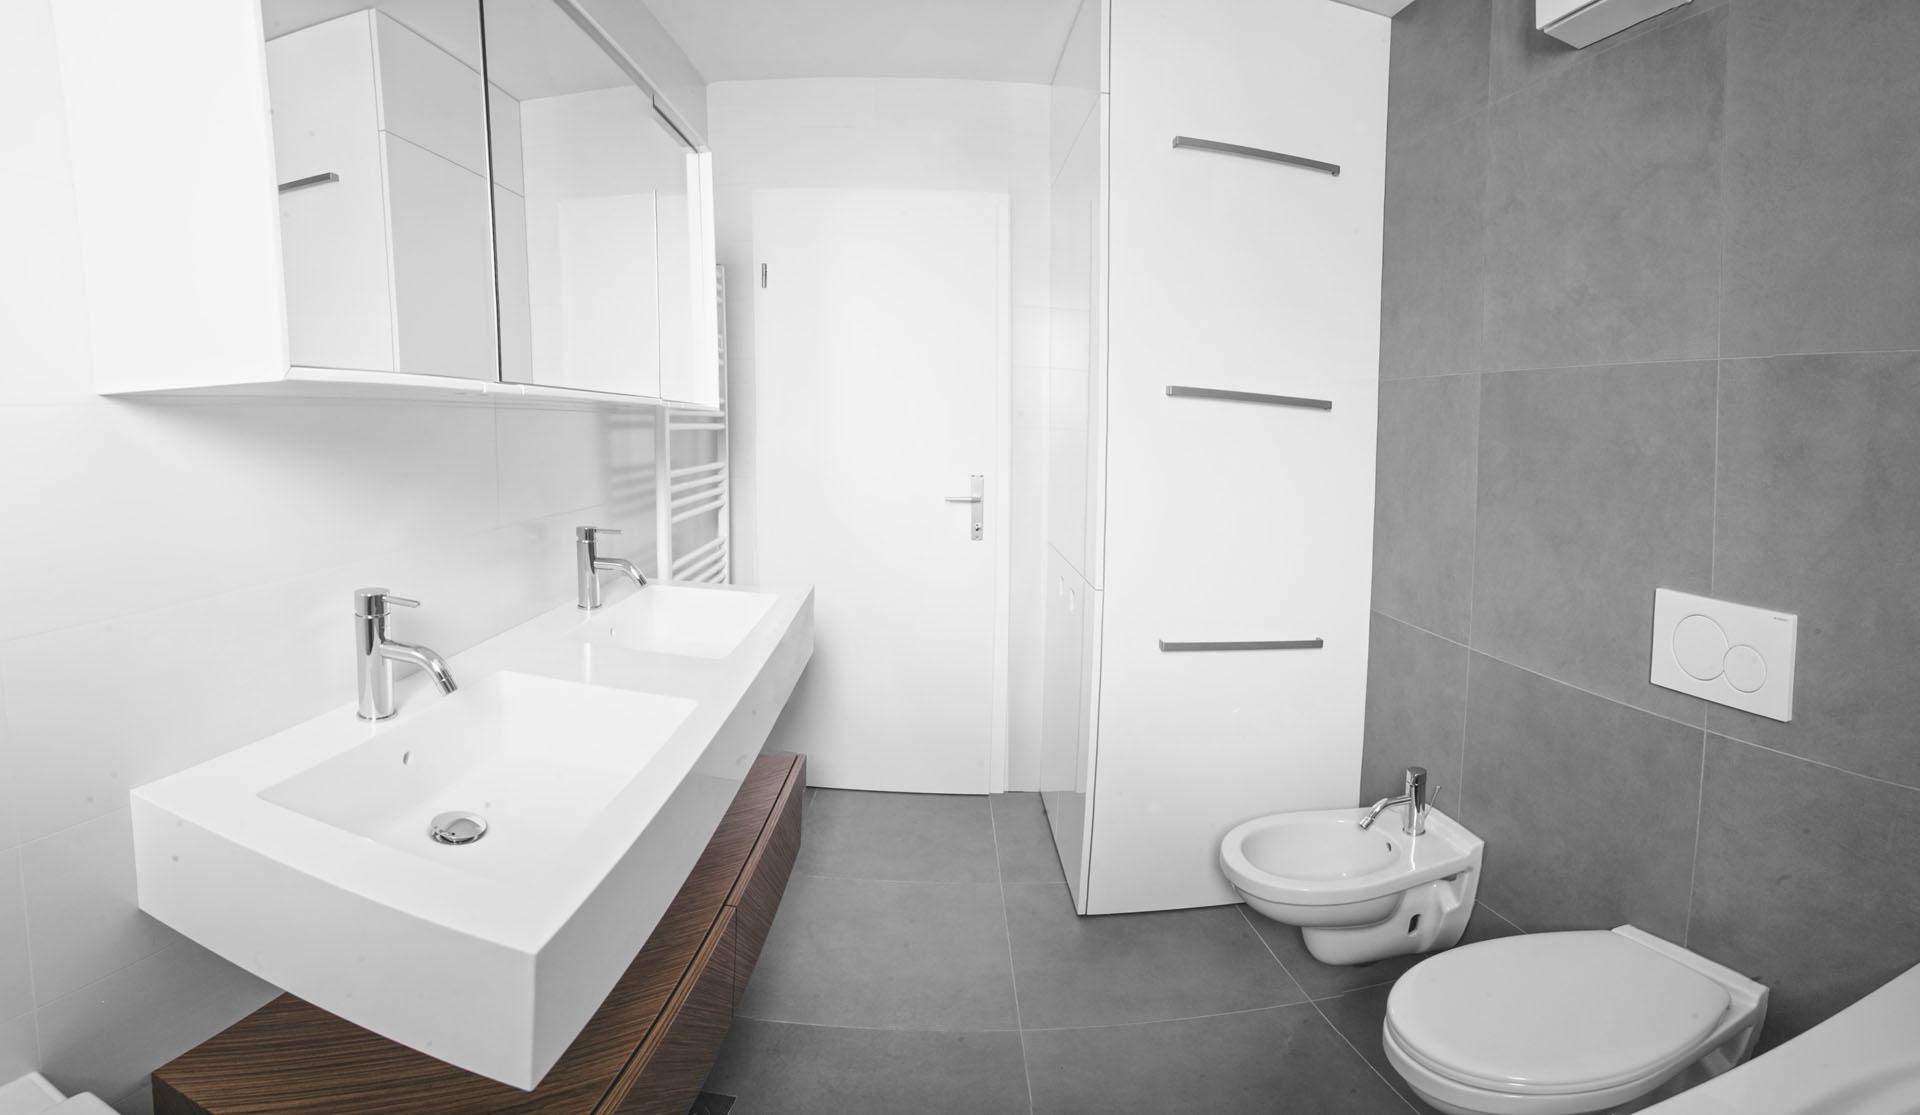 kopalniško pohištvo po meri